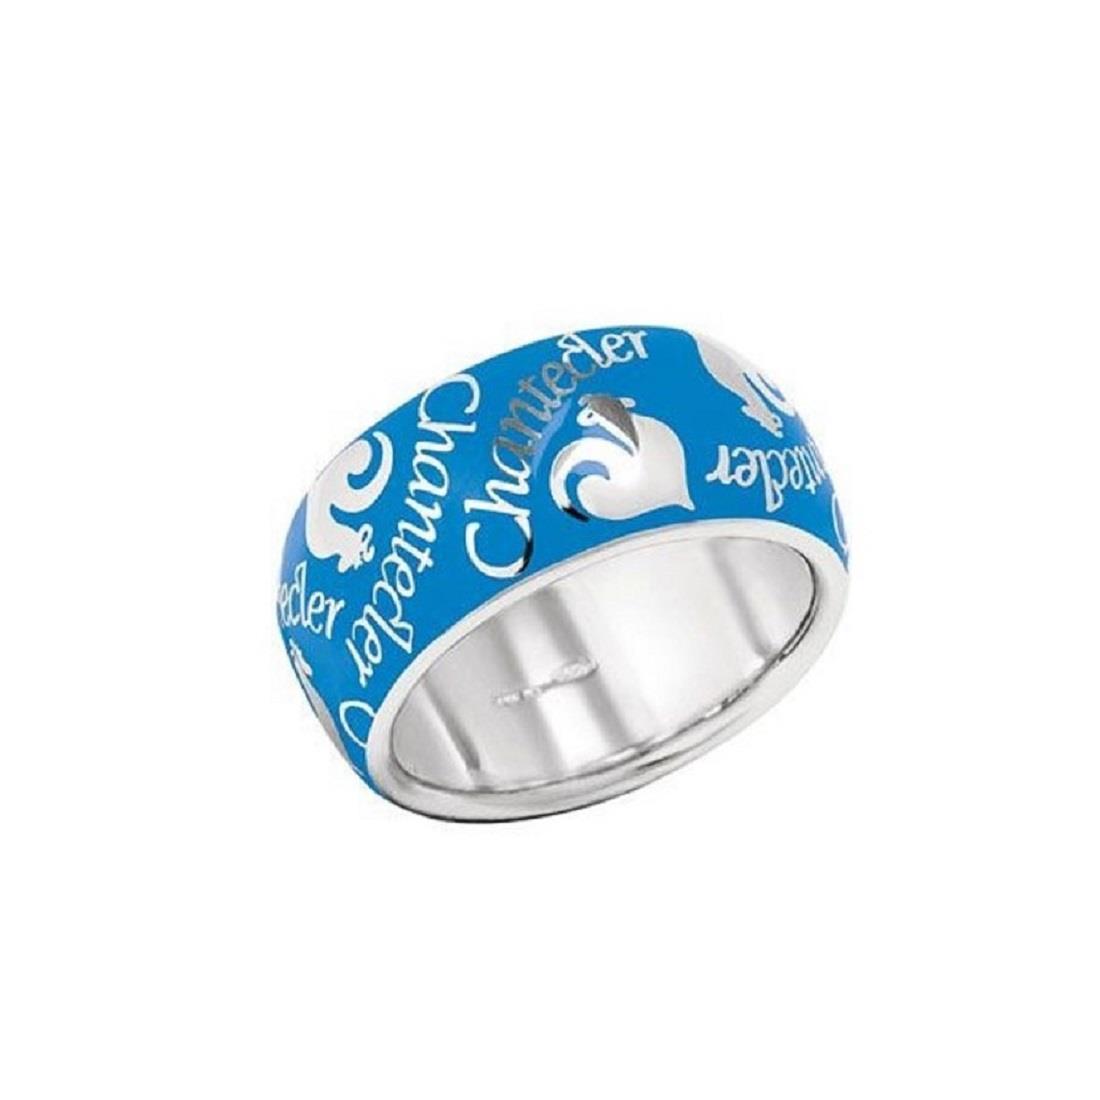 Anello Chantecler in argento con smalto azzurro - CHANTECLER